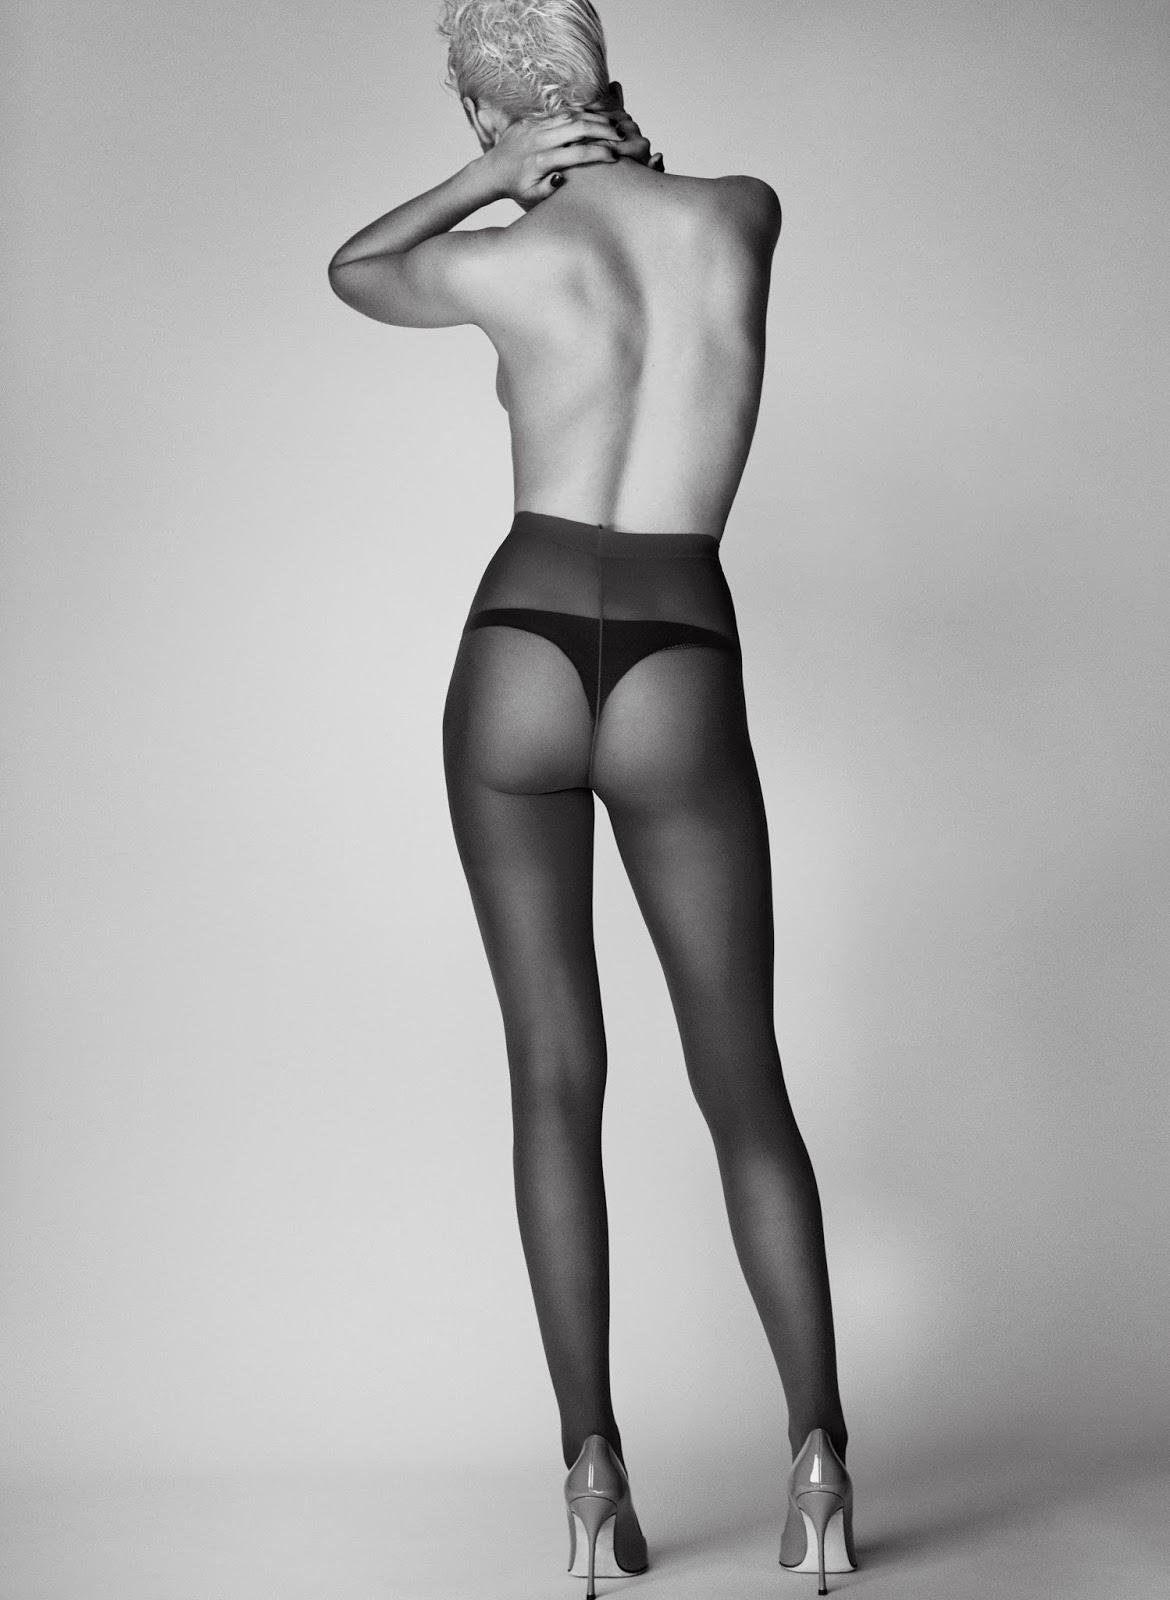 kristen stewart naked in stockings